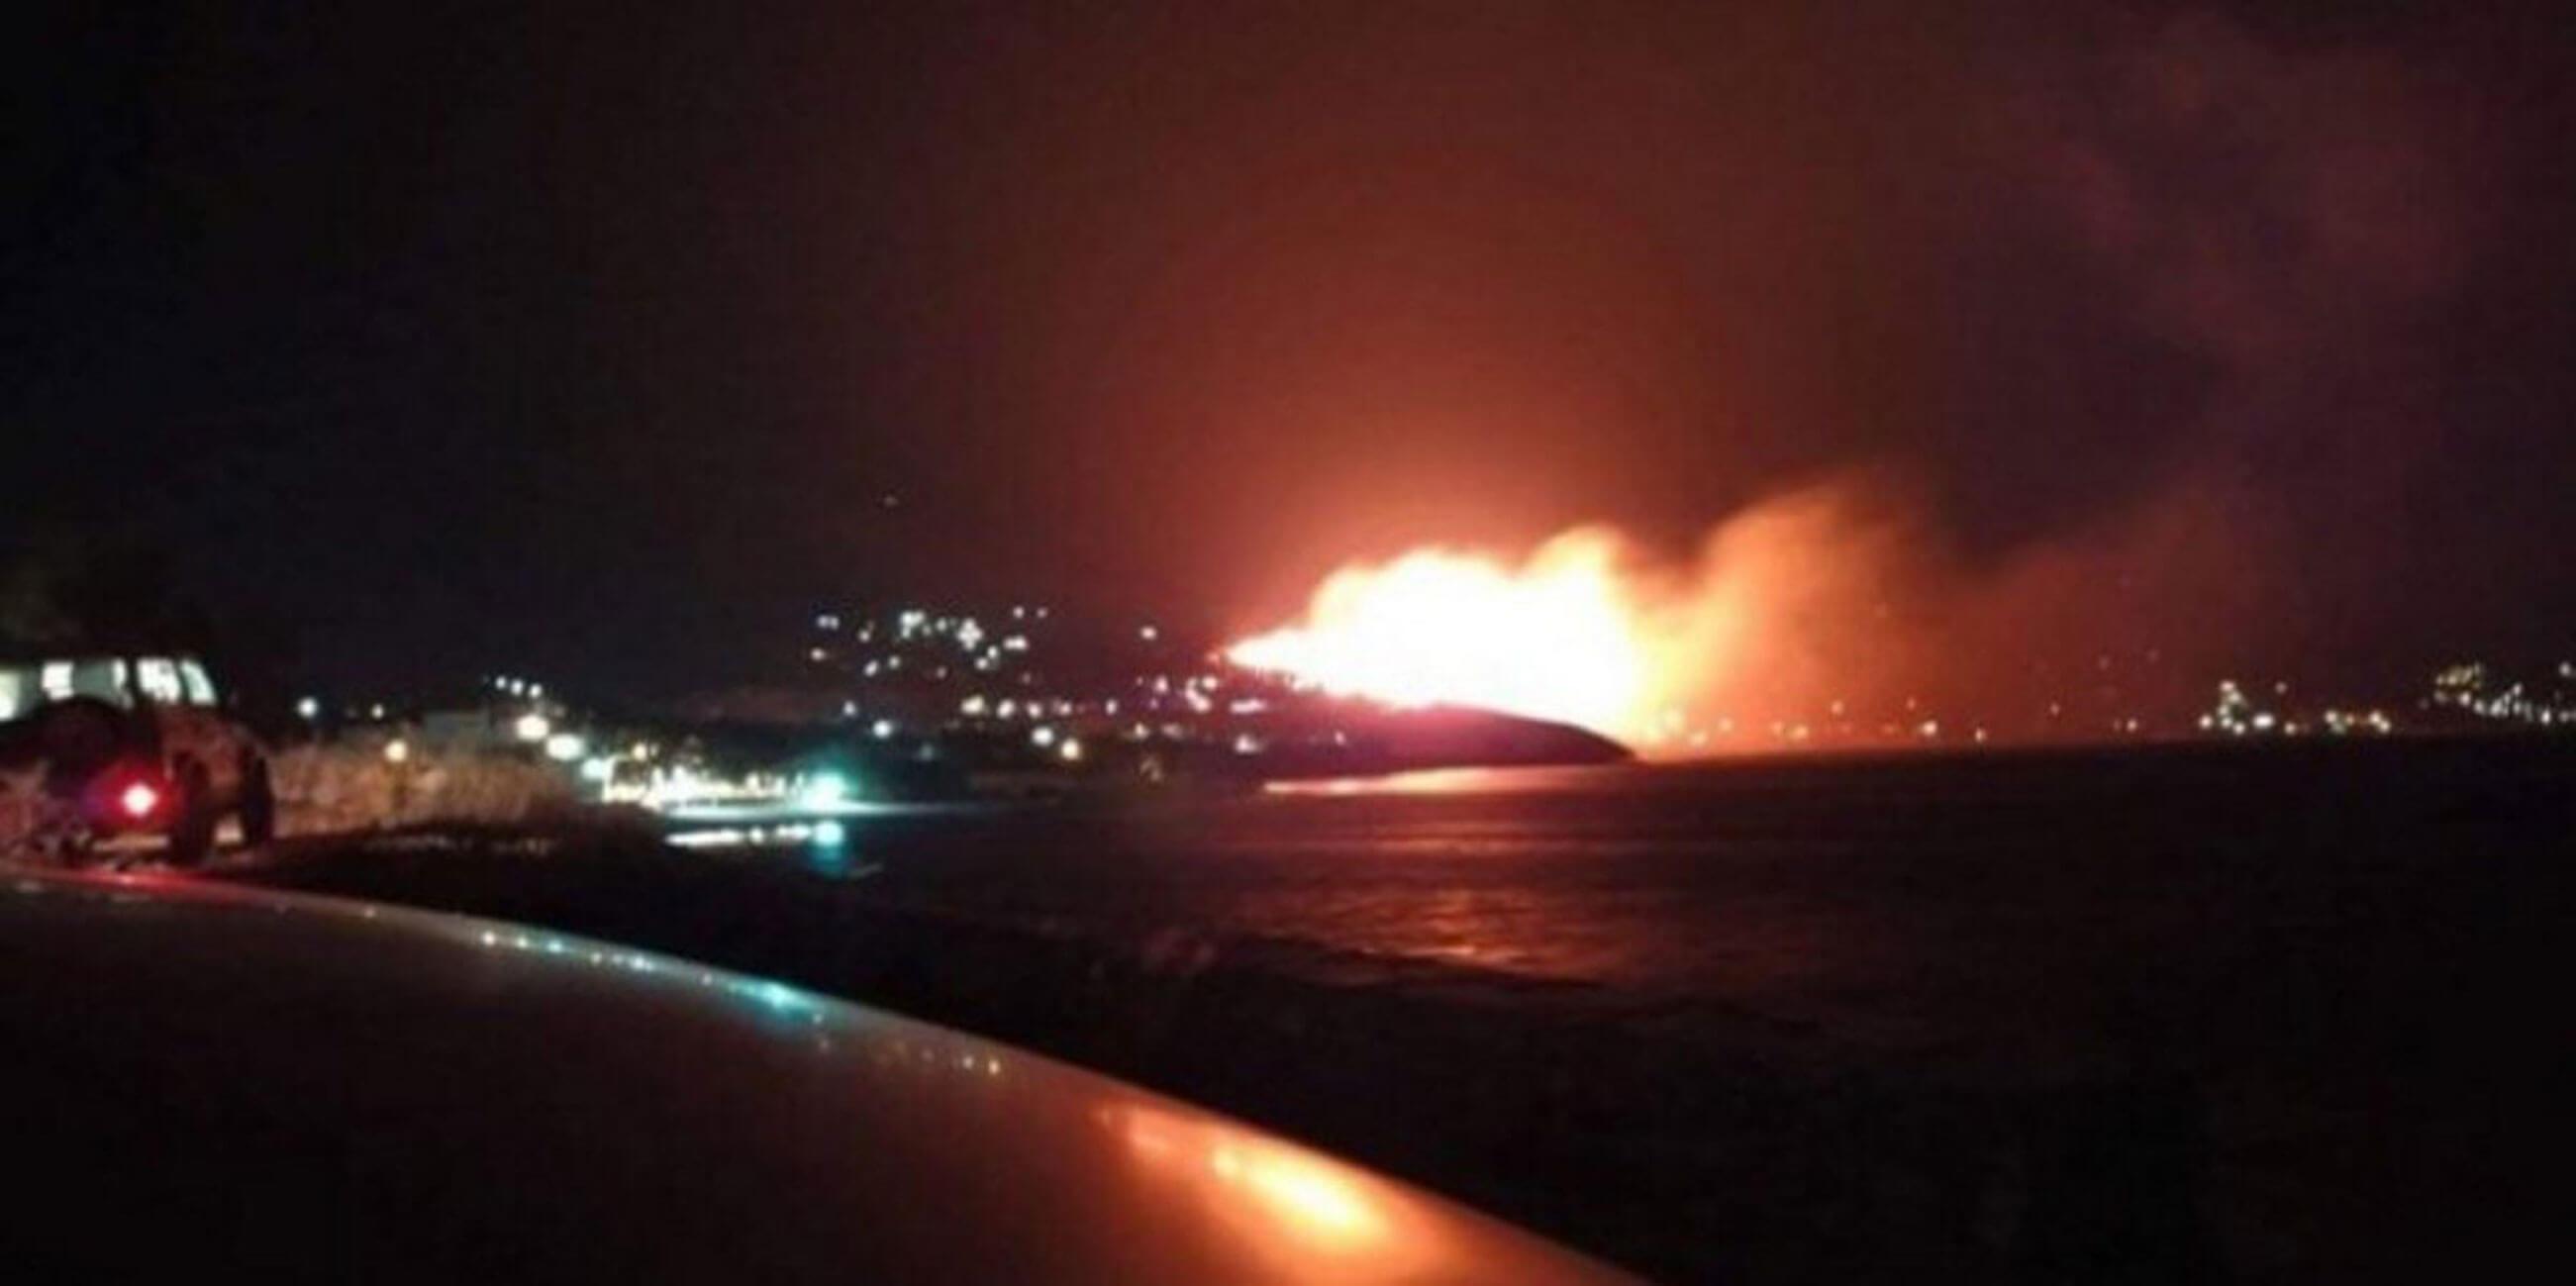 Νύχτα θρίλερ από τη φωτιά στην Κάρυστο - Εκκενώθηκαν σπίτια